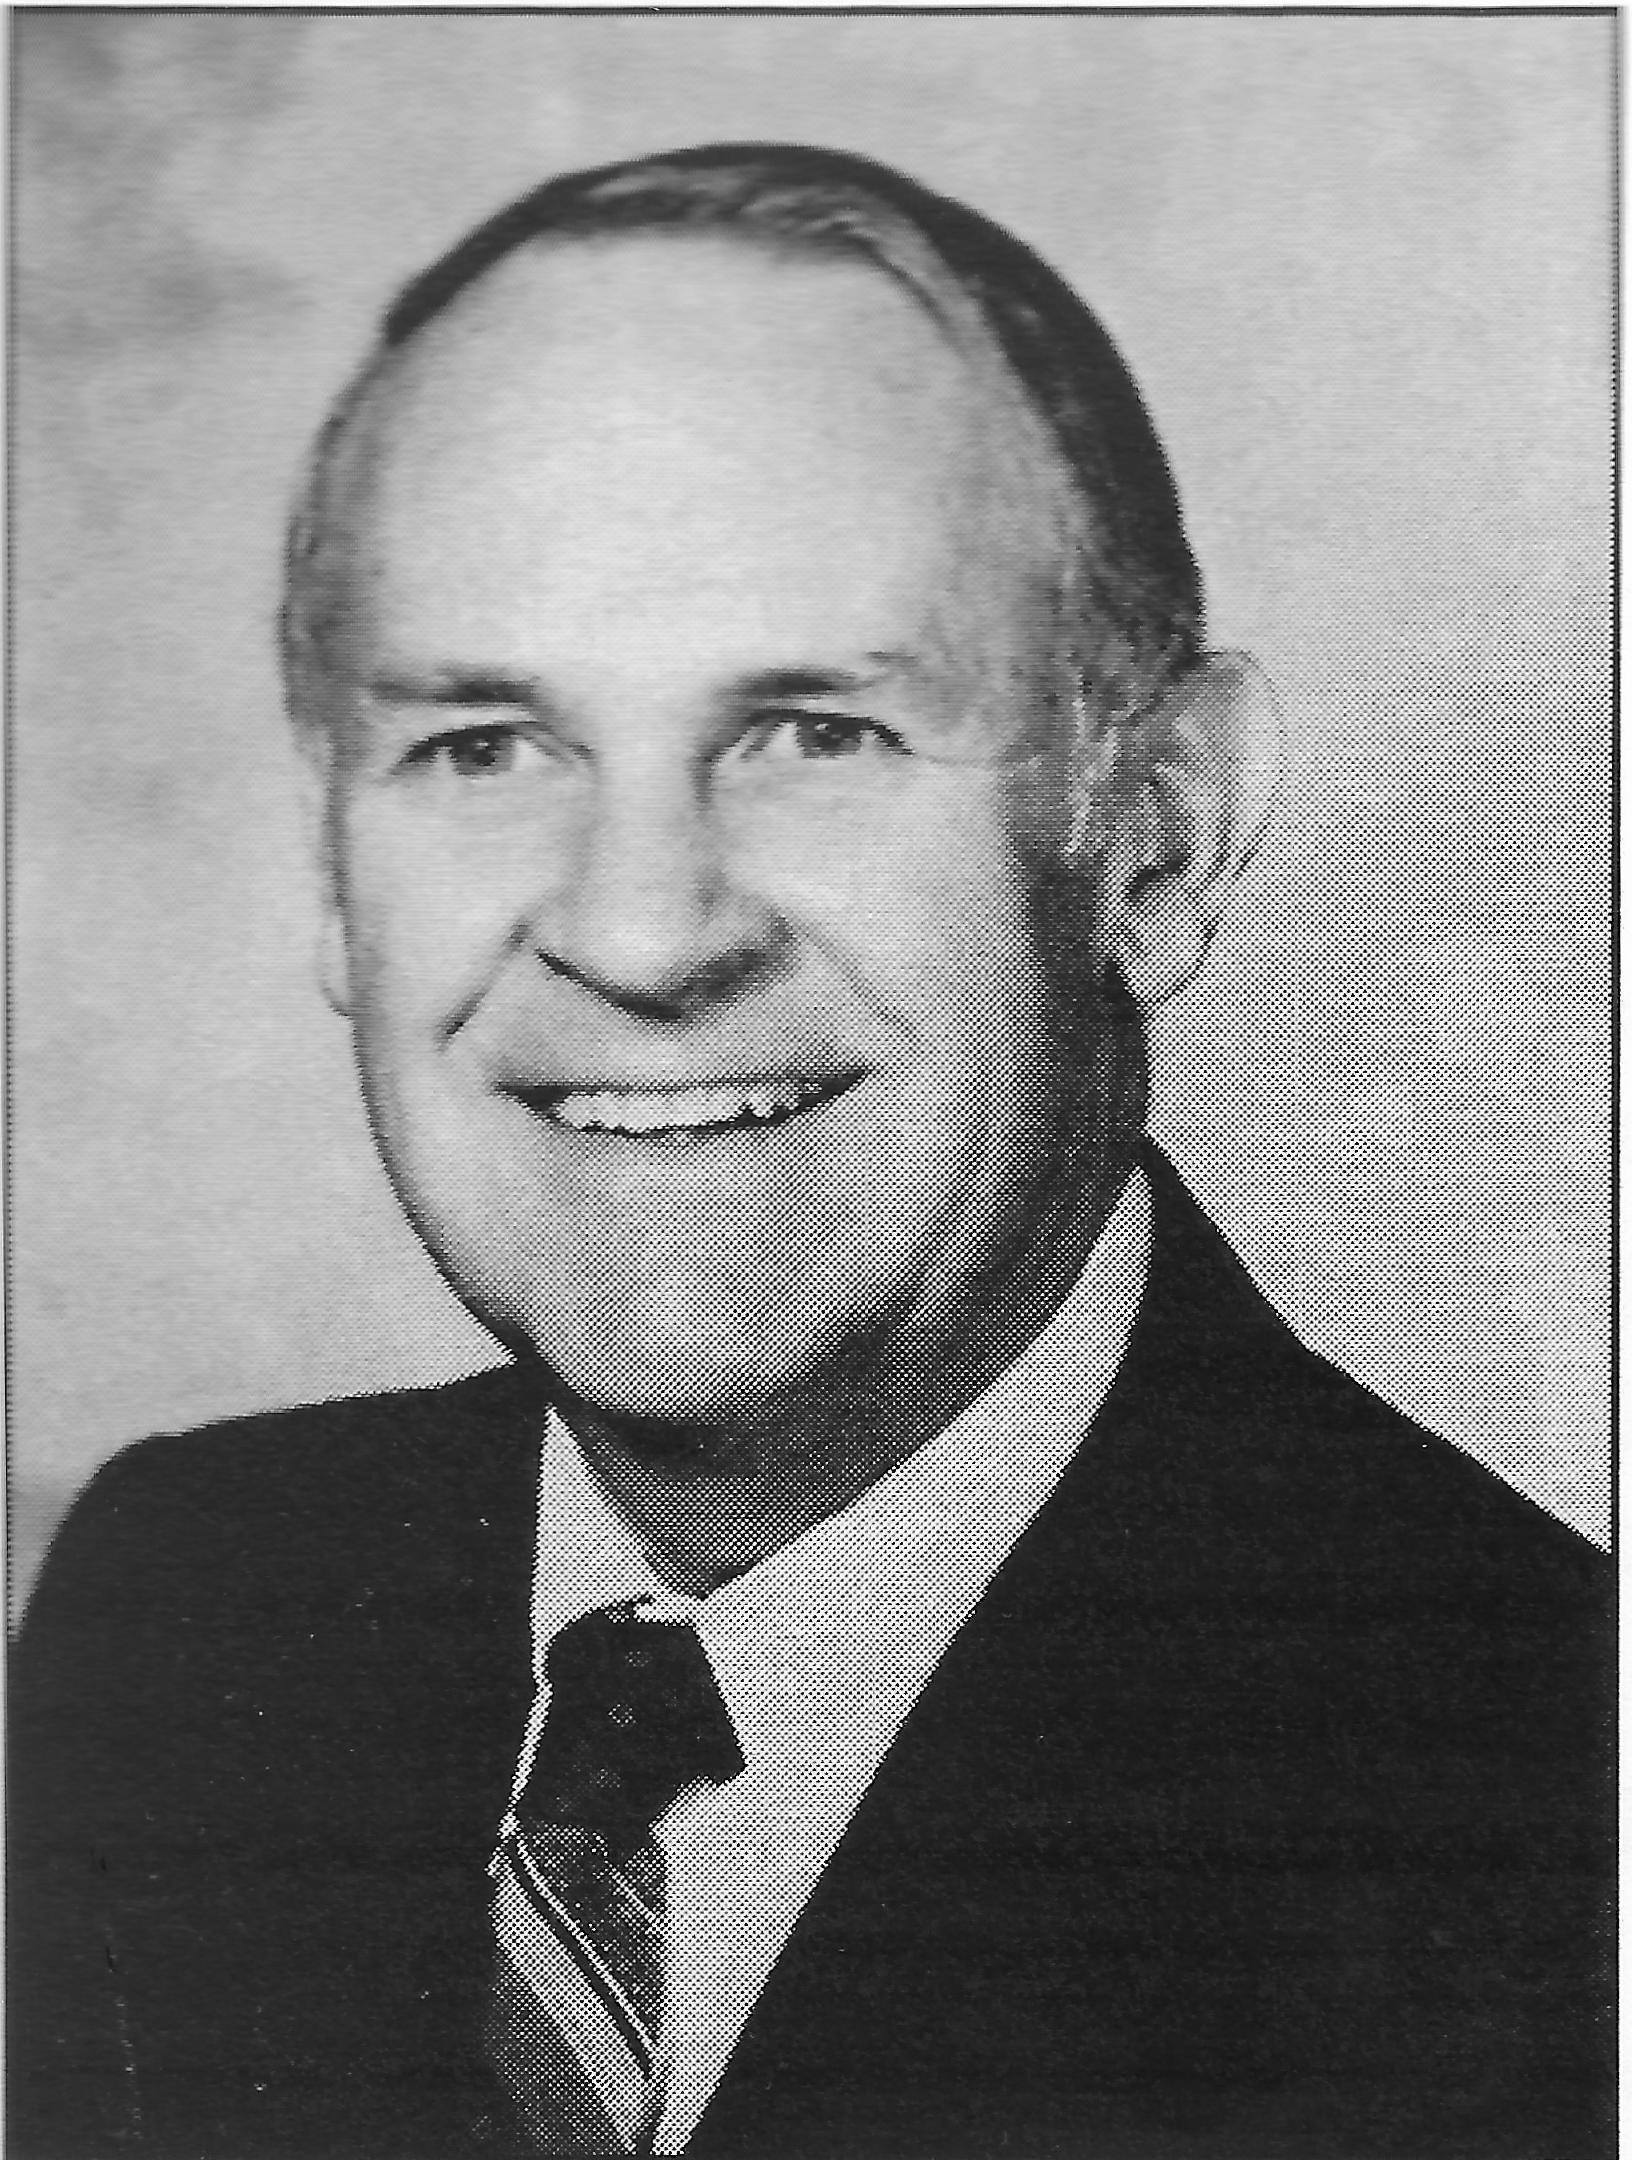 Warren Durling Steffey